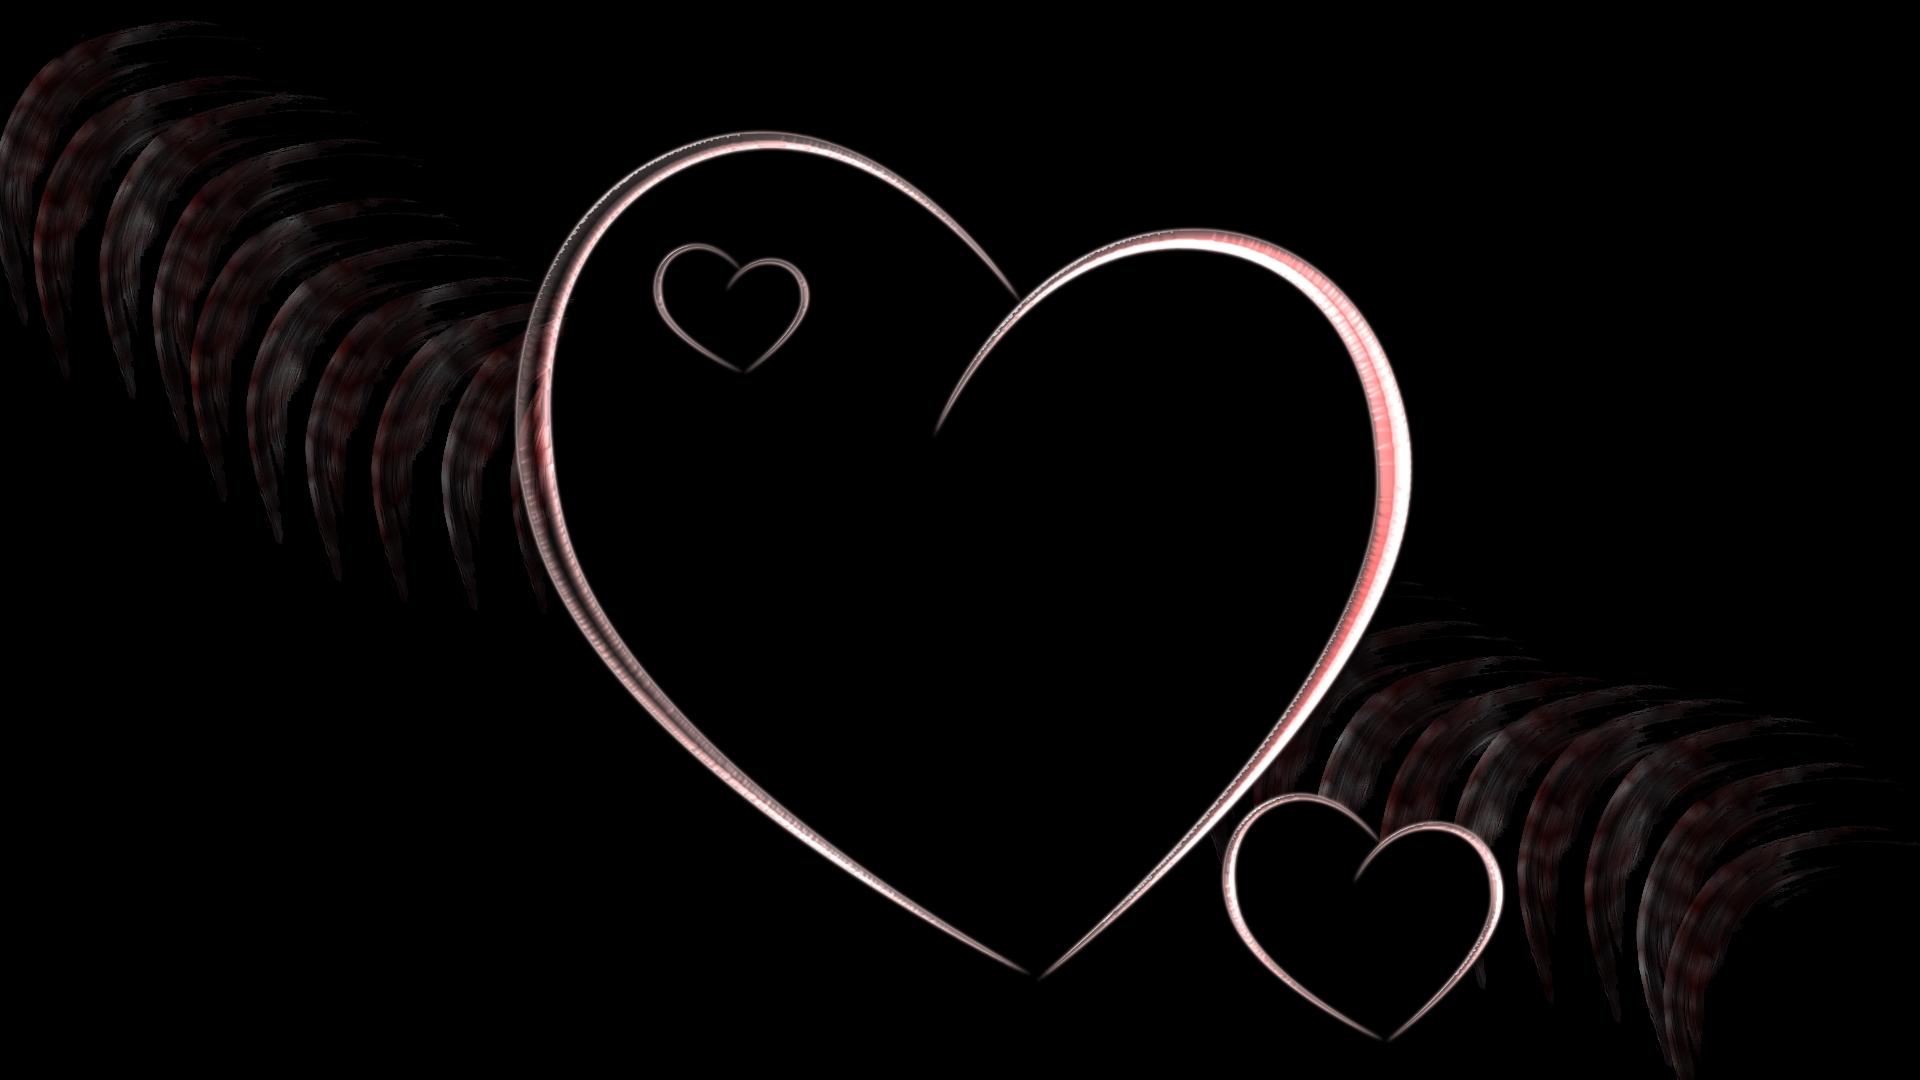 Картинка на черном фоне с надписью о любви